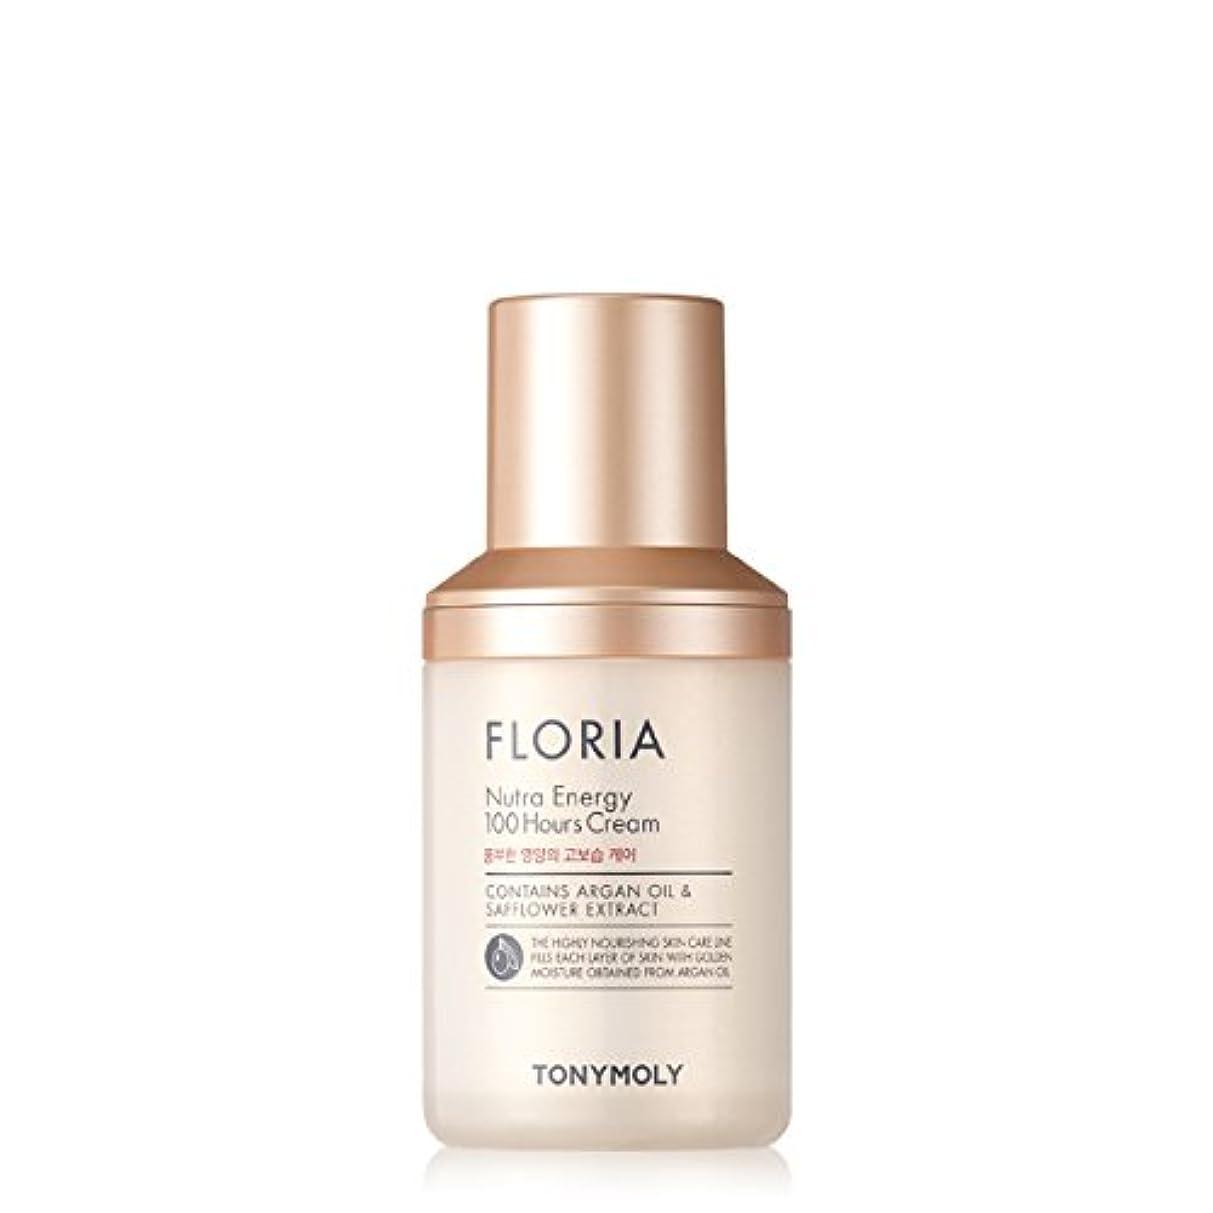 風邪をひく捧げる憂慮すべき[NEW] TONY MOLY Floria Nutra energy 100 hours Cream 50ml トニーモリー フローリア ニュートラ エナジー 100時間 クリーム 50ml [並行輸入品]